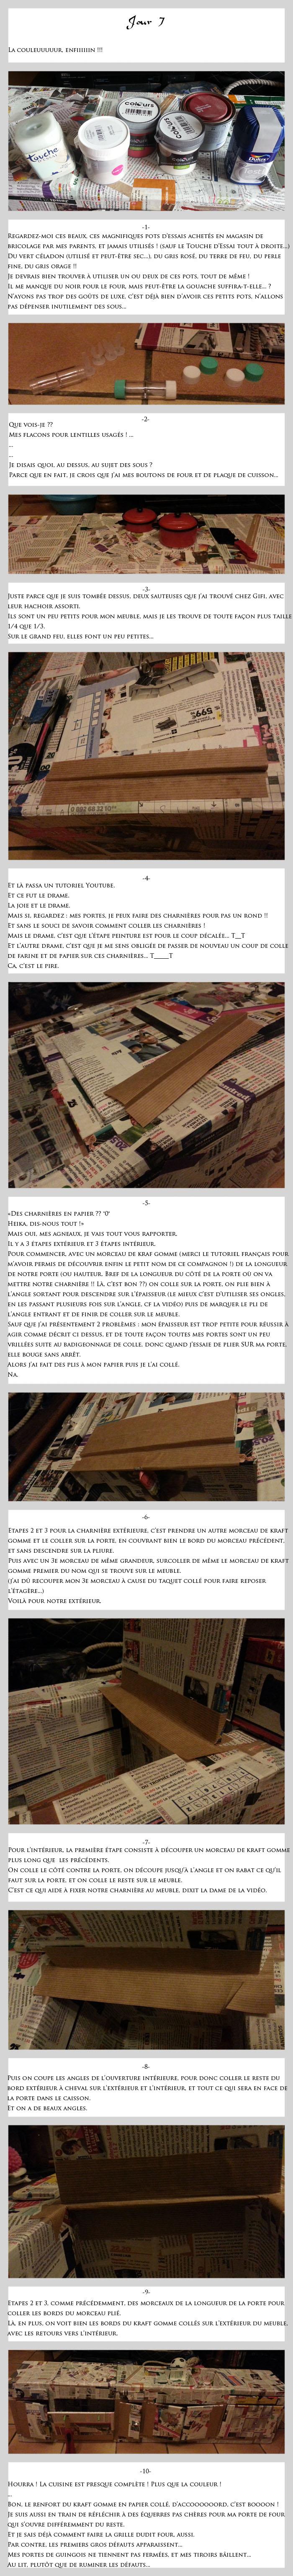 Le coeur de la maison, by Heika -jour 9- - Page 2 Kitchen_day_7_by_monsieur_cheval-d9upnoq